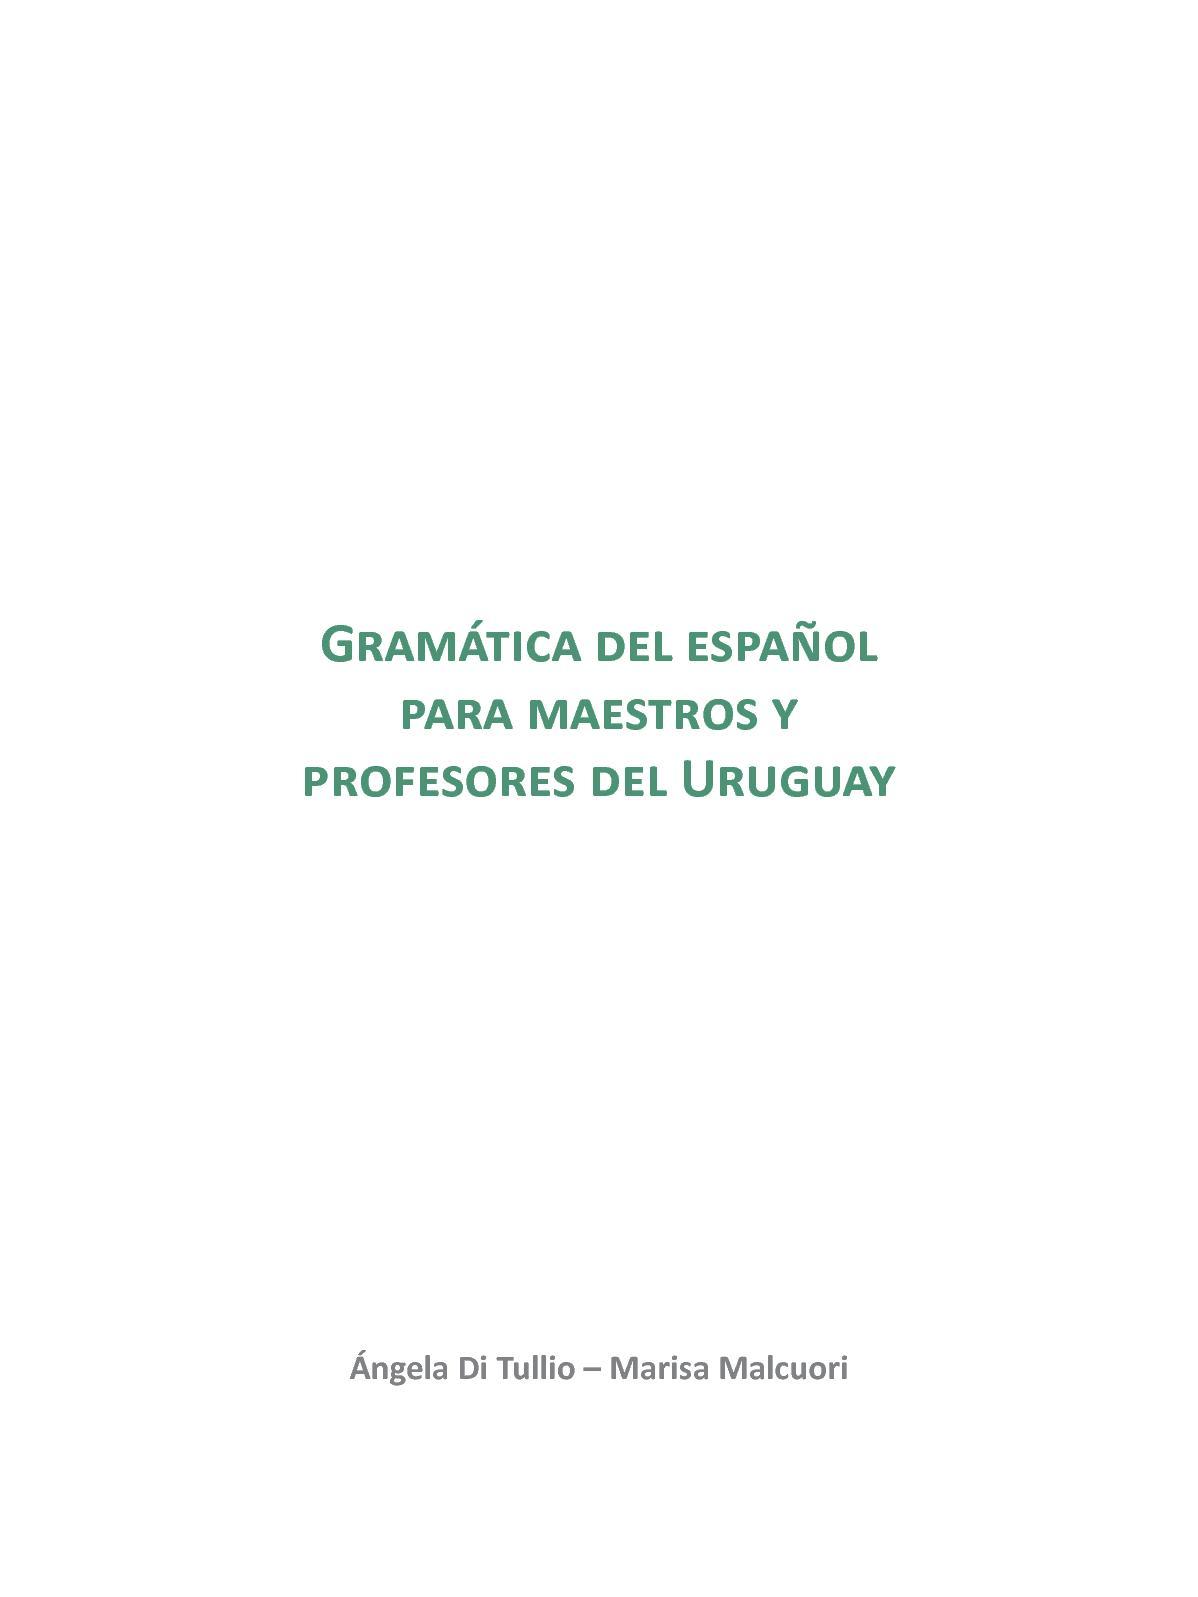 Calaméo - 1 Gramatica Del Espanol Para Maestros Y Profesores b67228c6a9c